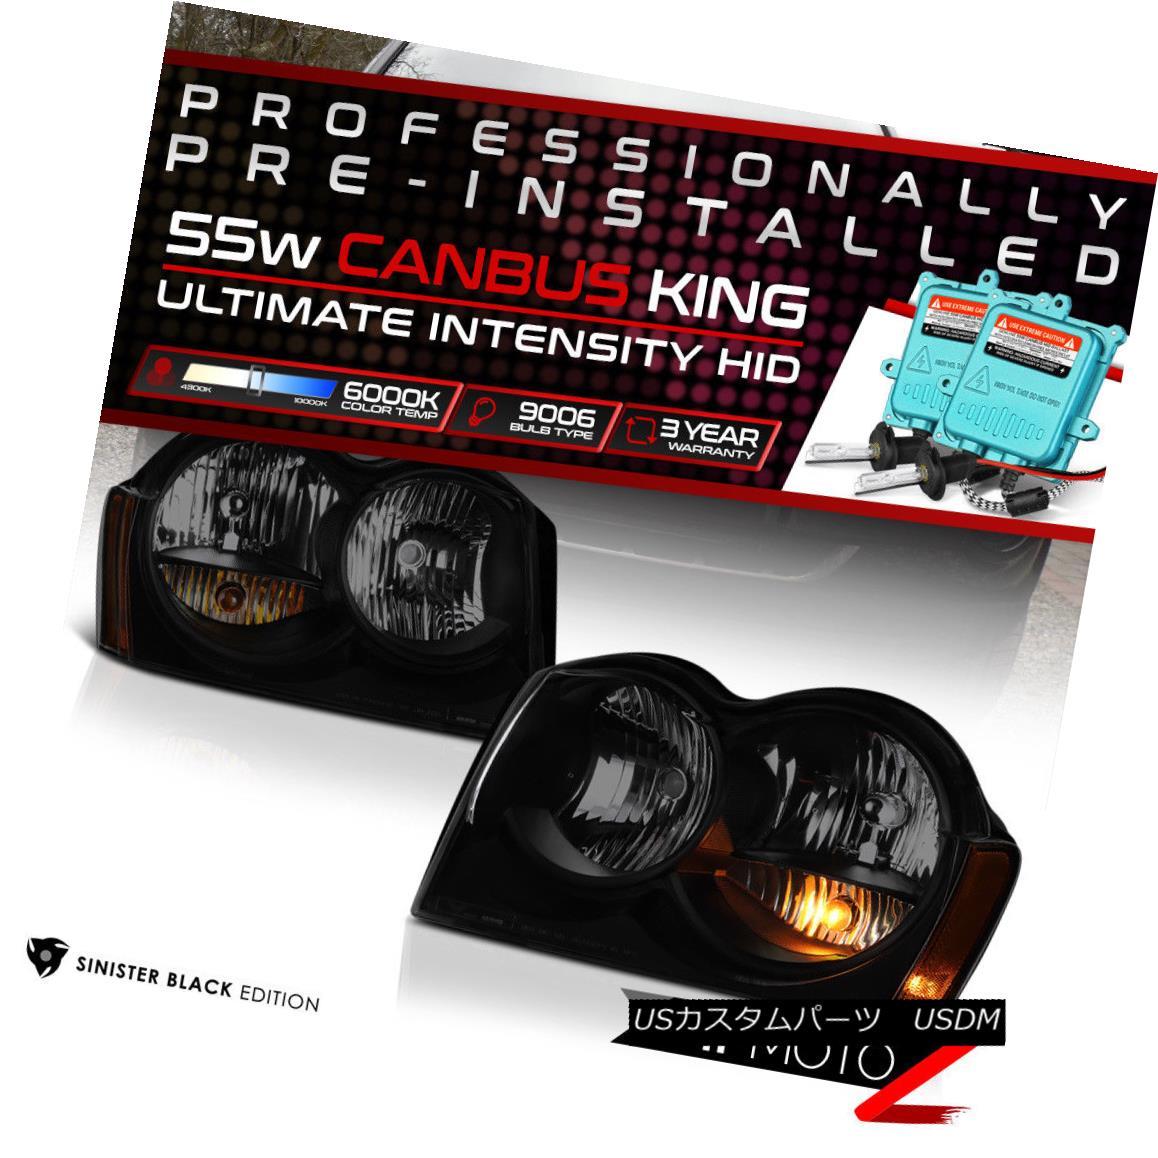 ヘッドライト !55W HID Built-In! 05-07 Jeep Grand Cherokee Black Smoked Replacement Headlight !55W HID内蔵! 05-07ジープグランドチェロキーブラックスモーク交換ヘッドライト